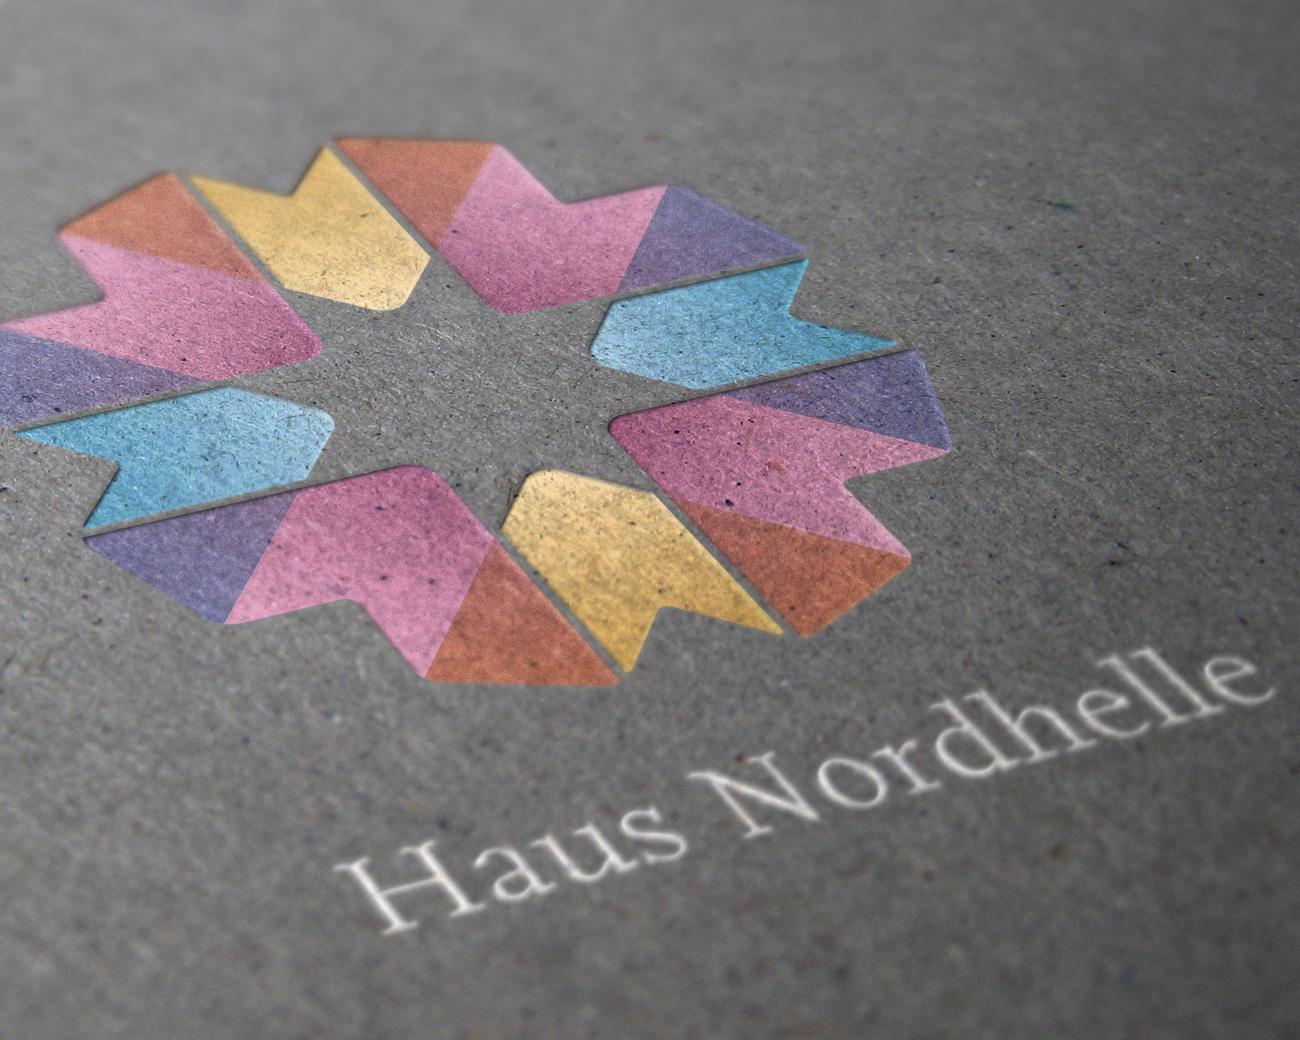 Das neue Corporate Design für Haus Nordhelle